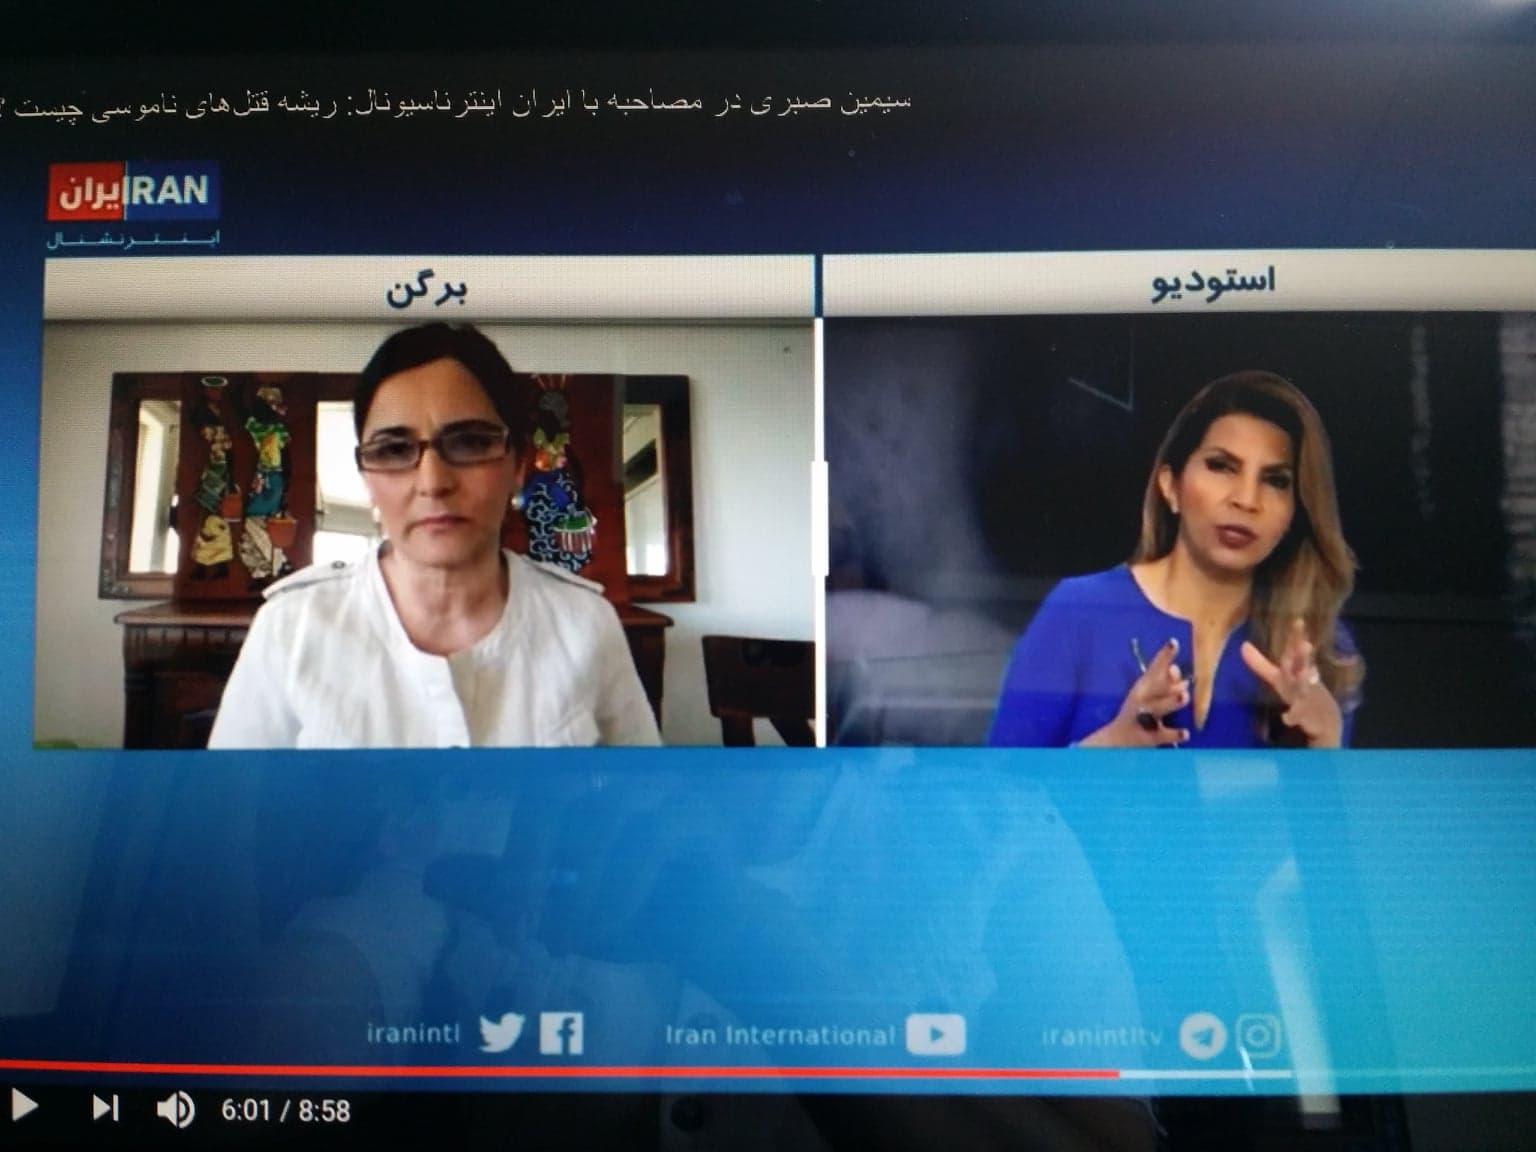 مصاحبه با ایران اینترناسیونال: ریشه قتلهای ناموسی چیست ؟